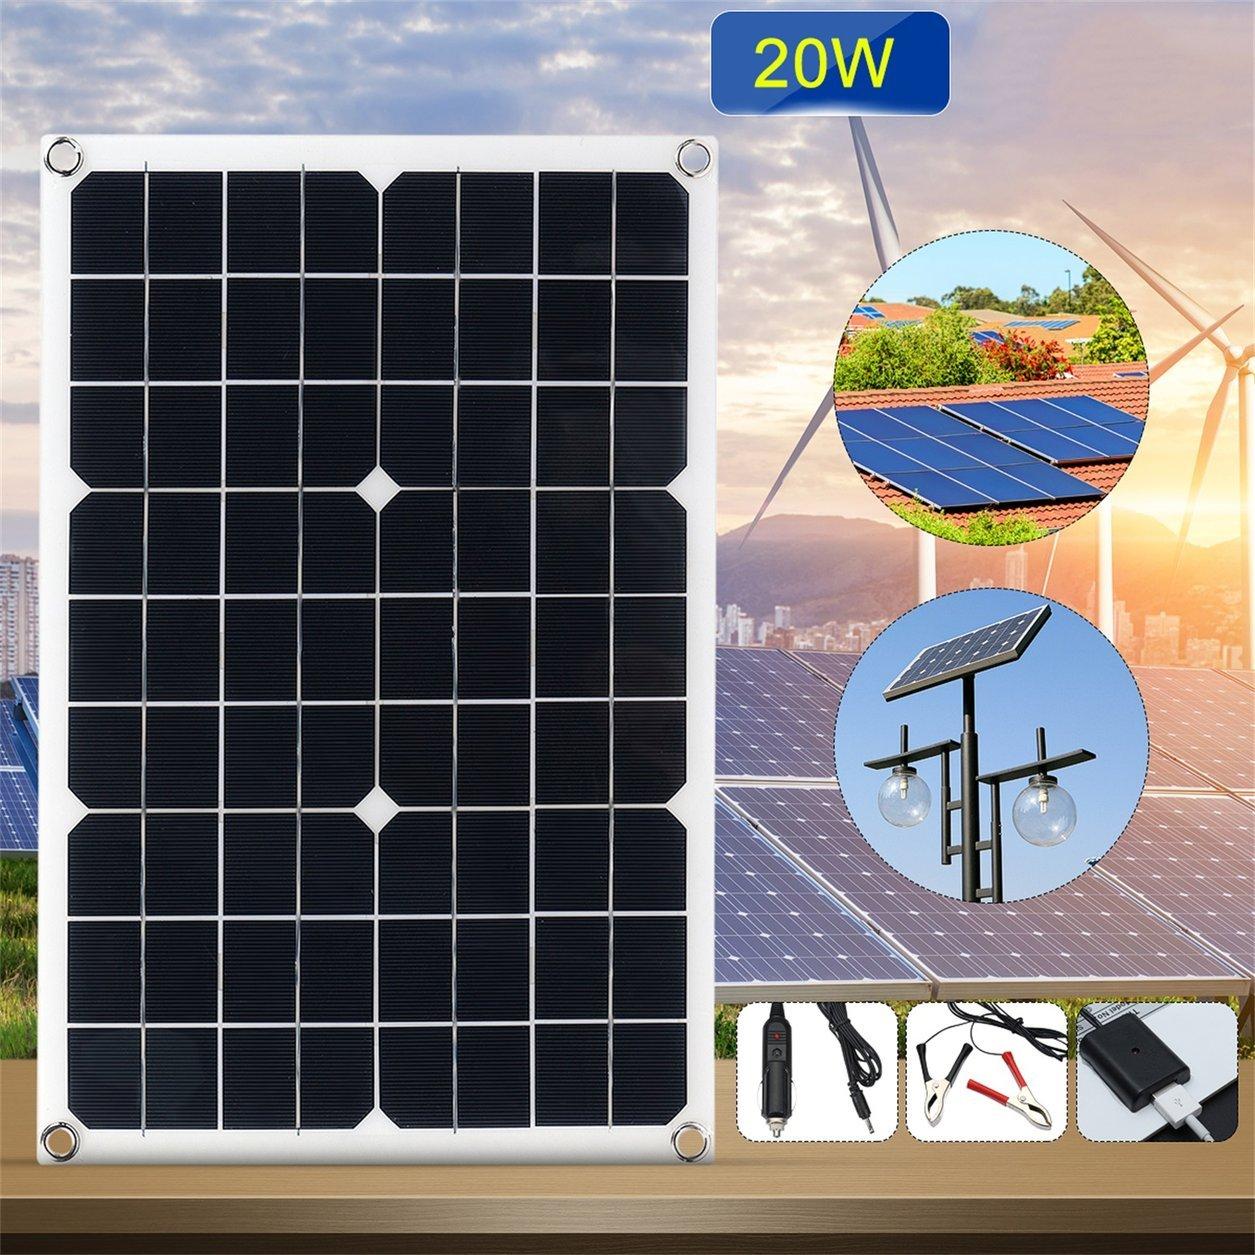 Couleur: Noir Dailyinshop 12V//5V DC Panneau Solaire de Batterie /étanche pour Le Chargeur de Voiture d/éclairage de T/él/éphone